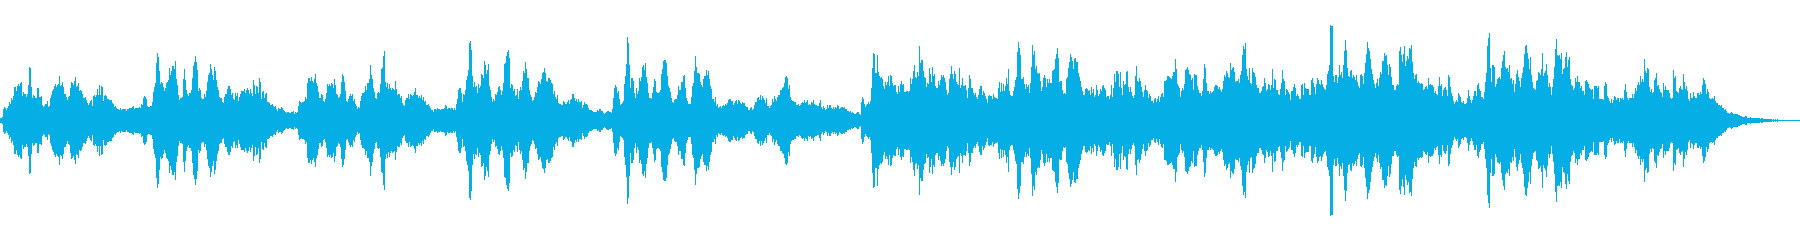 幻想的な雰囲気の曲の再生済みの波形